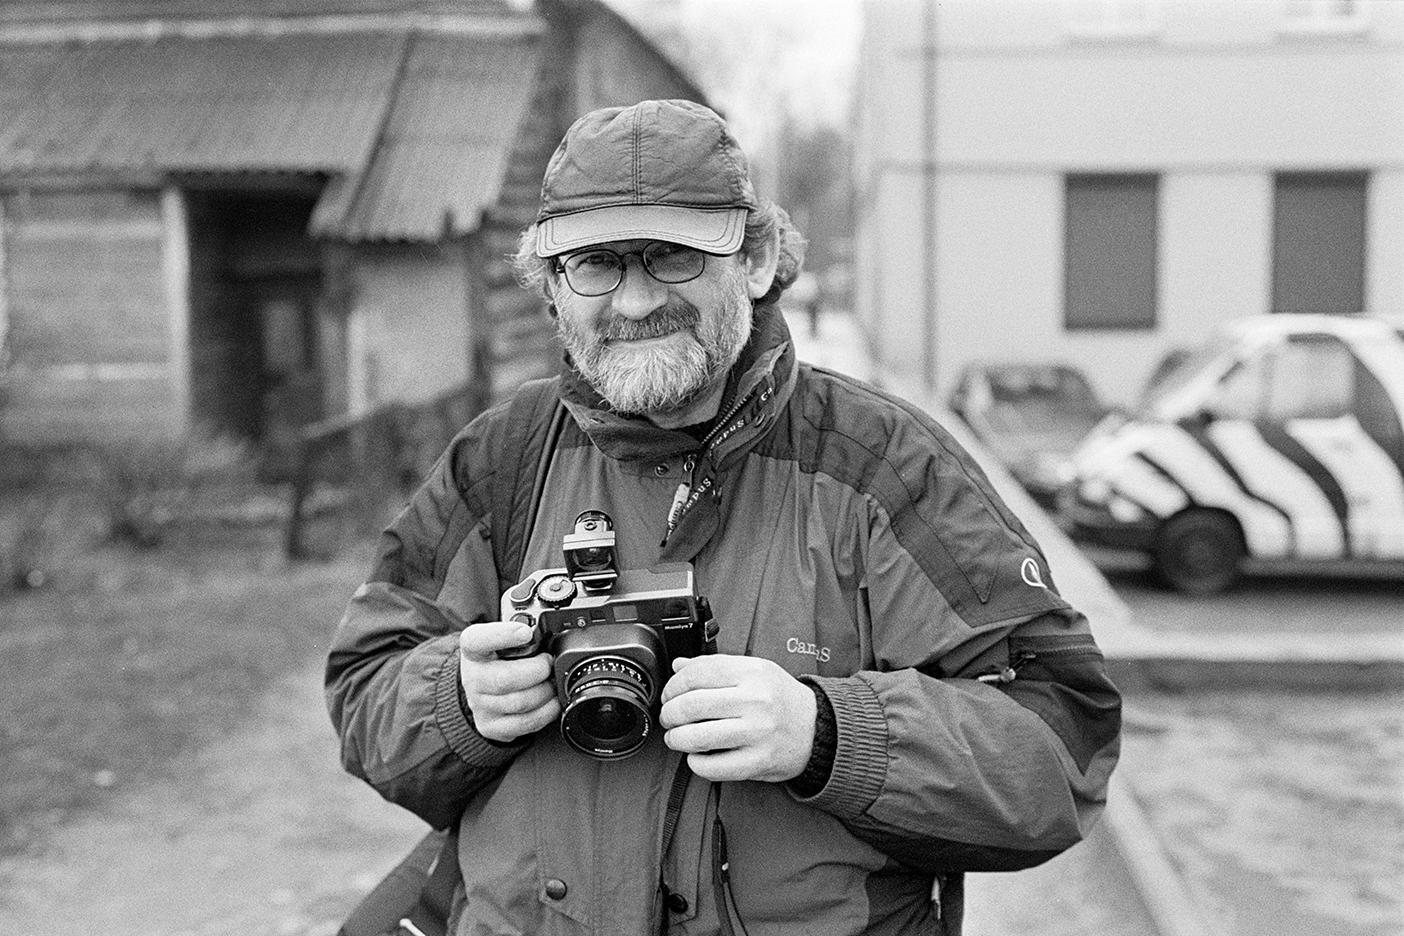 Wilno, Vilnius, Stanisław Woś, 2004, Nikon F90x, Tokina ATX 28-70/f 2.8